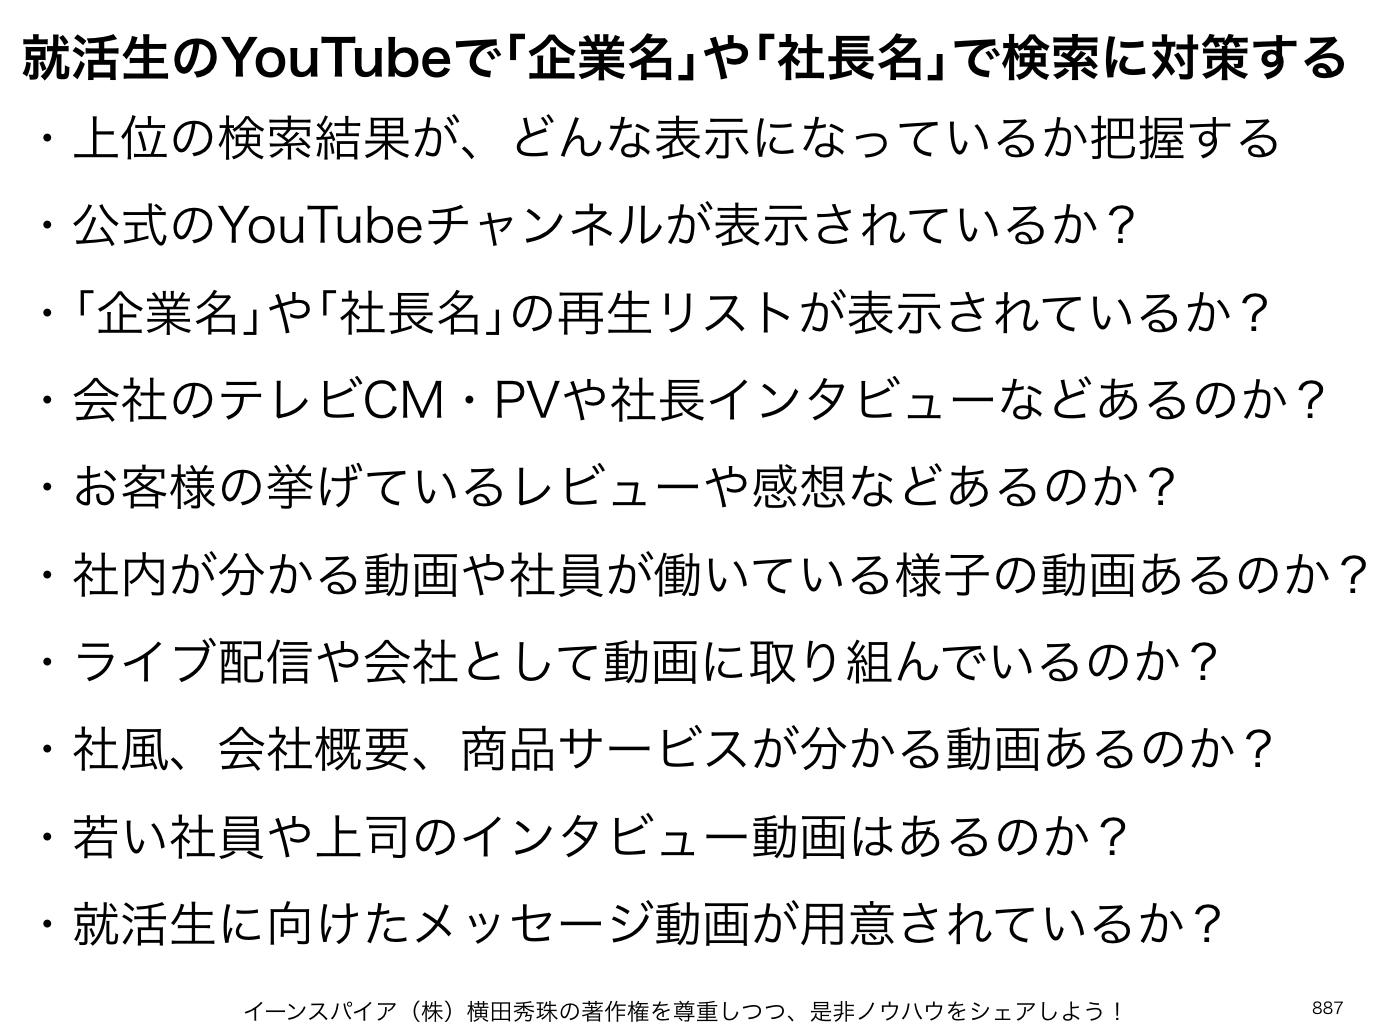 就活生のYouTubeで「企業名」や「社長名」を検索に対し対策を